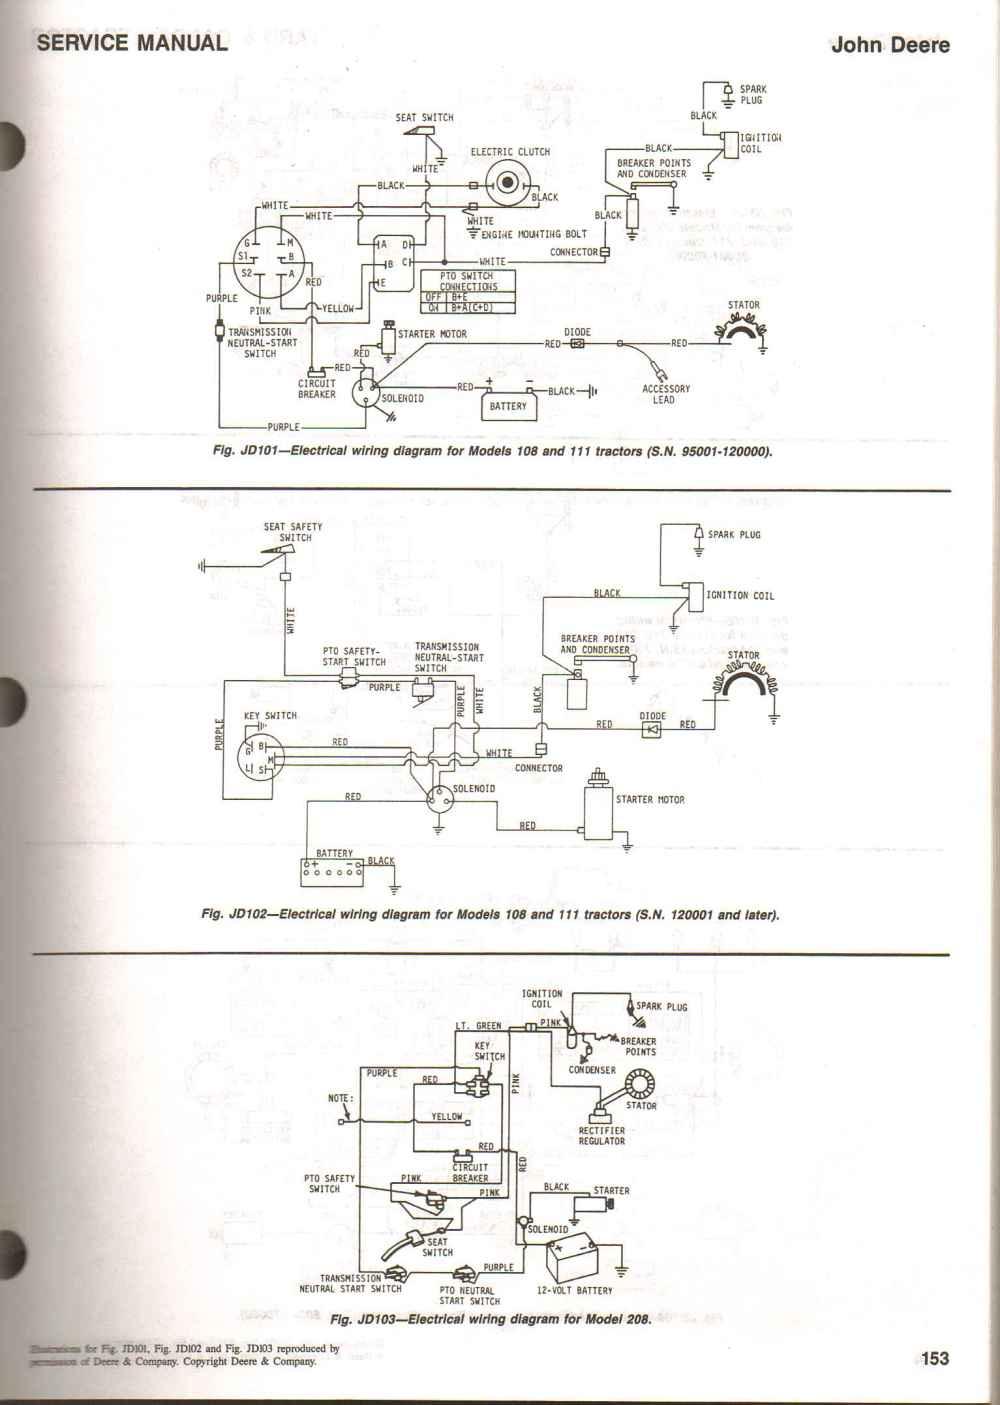 medium resolution of troy bilt pony wiring diagram schematic online wiring diagramwiring diagram for troy bilt pony 13an77kg011 schematic